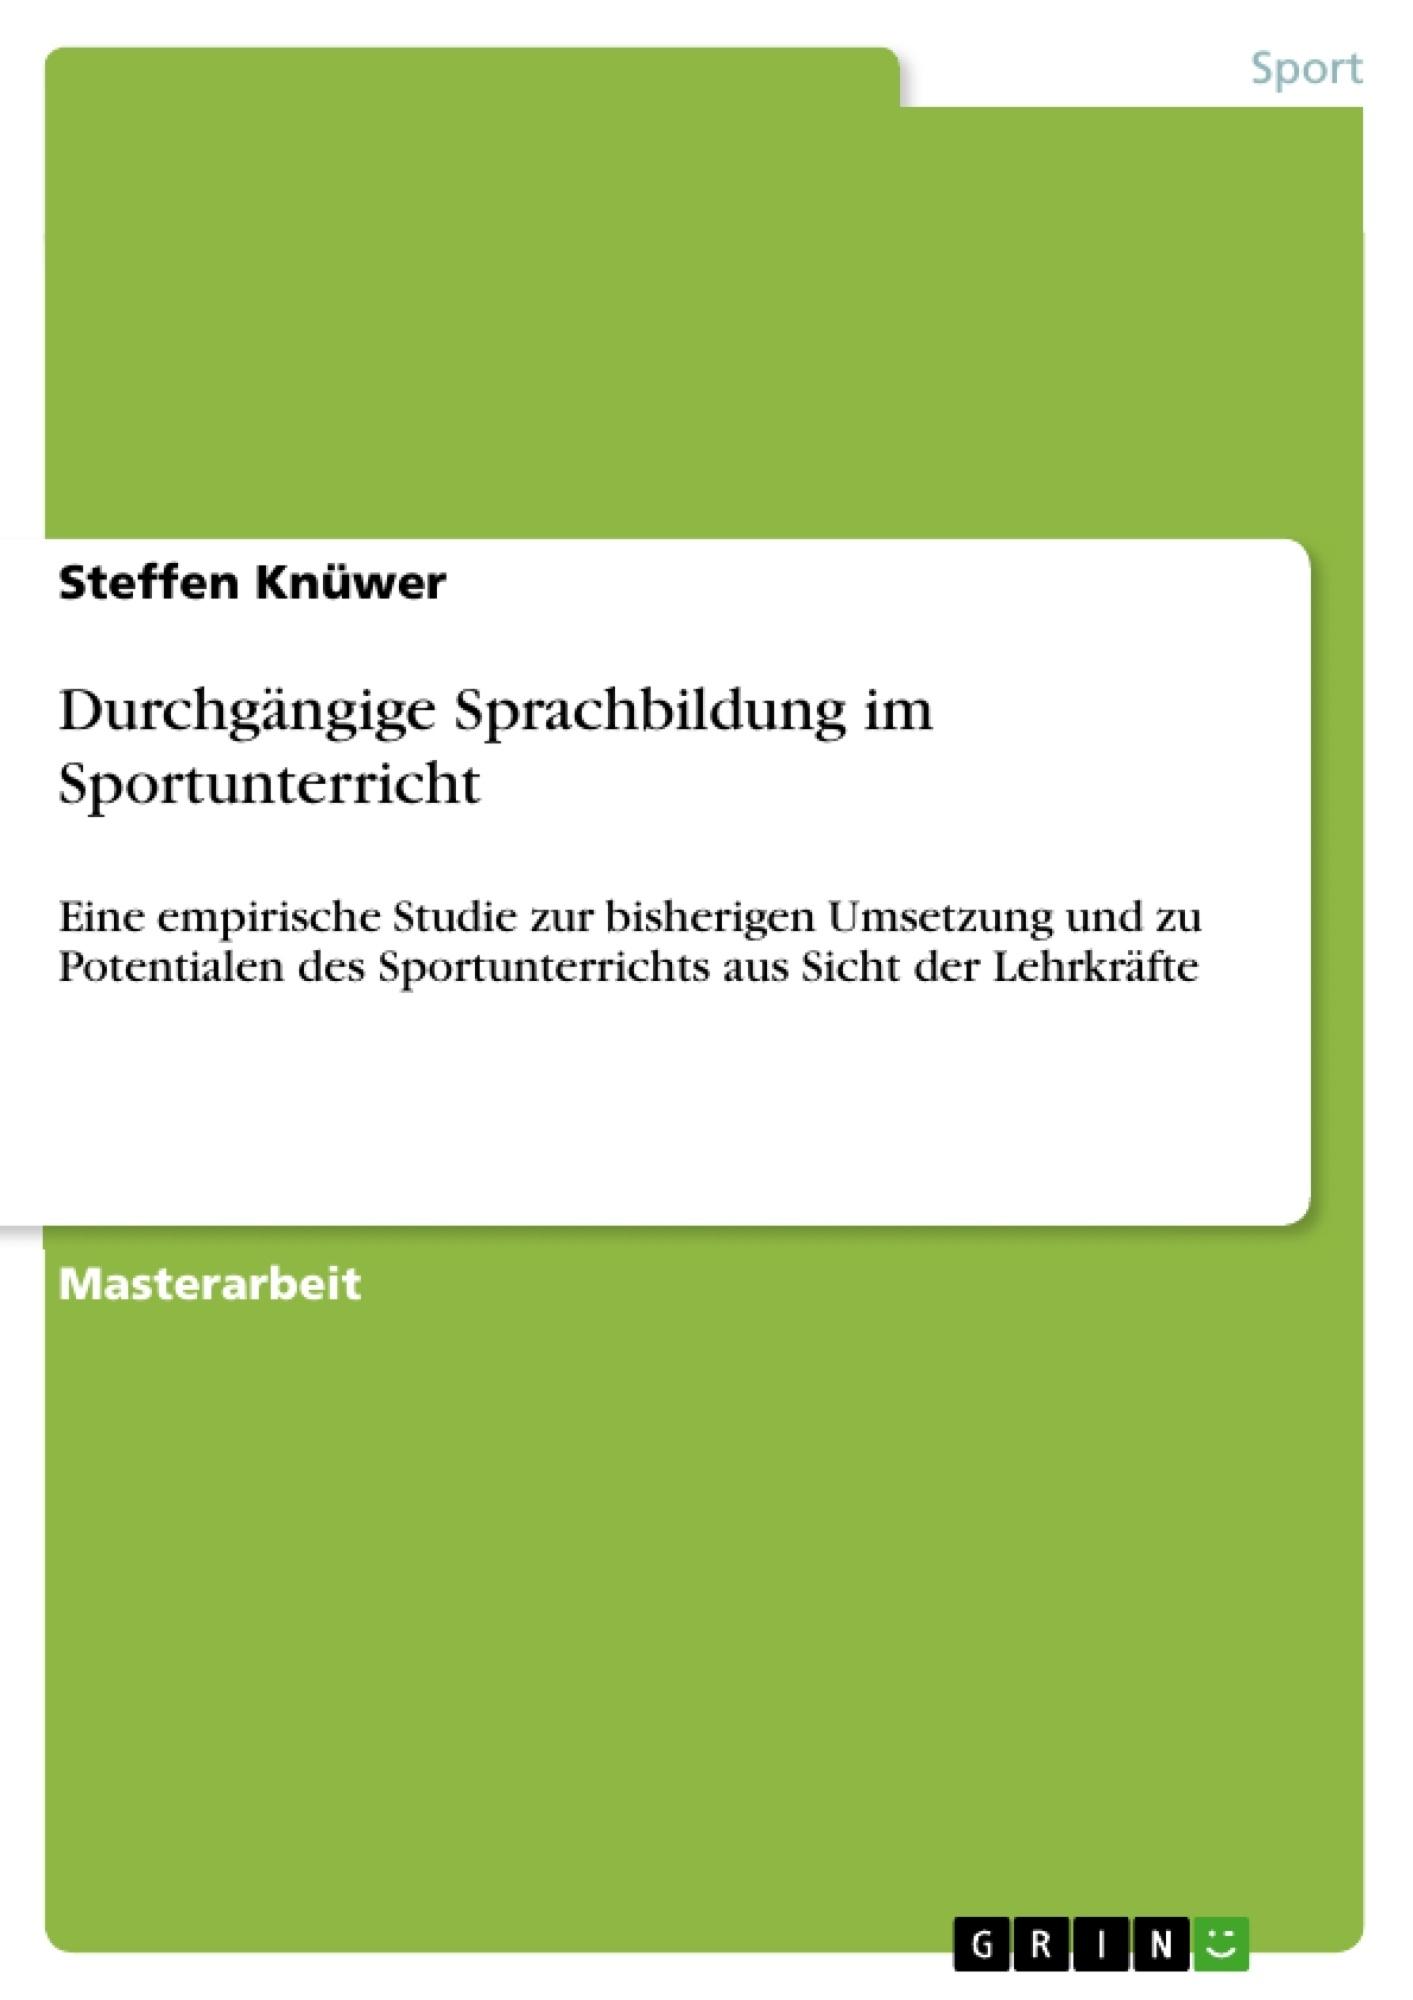 Titel: Durchgängige Sprachbildung im Sportunterricht